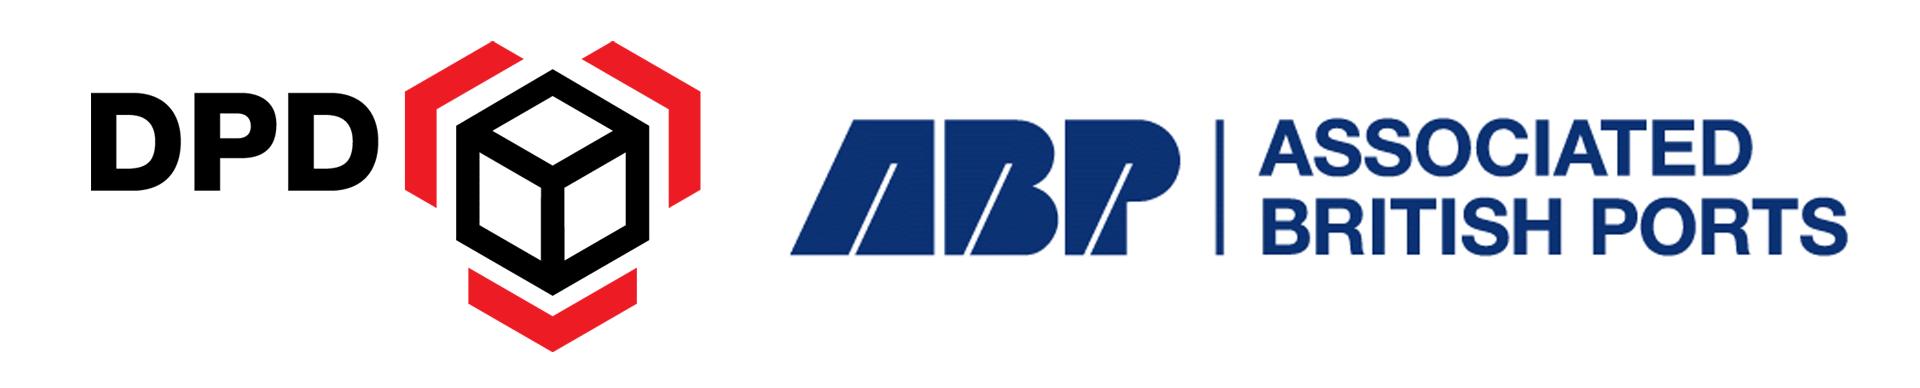 DPD & ABP